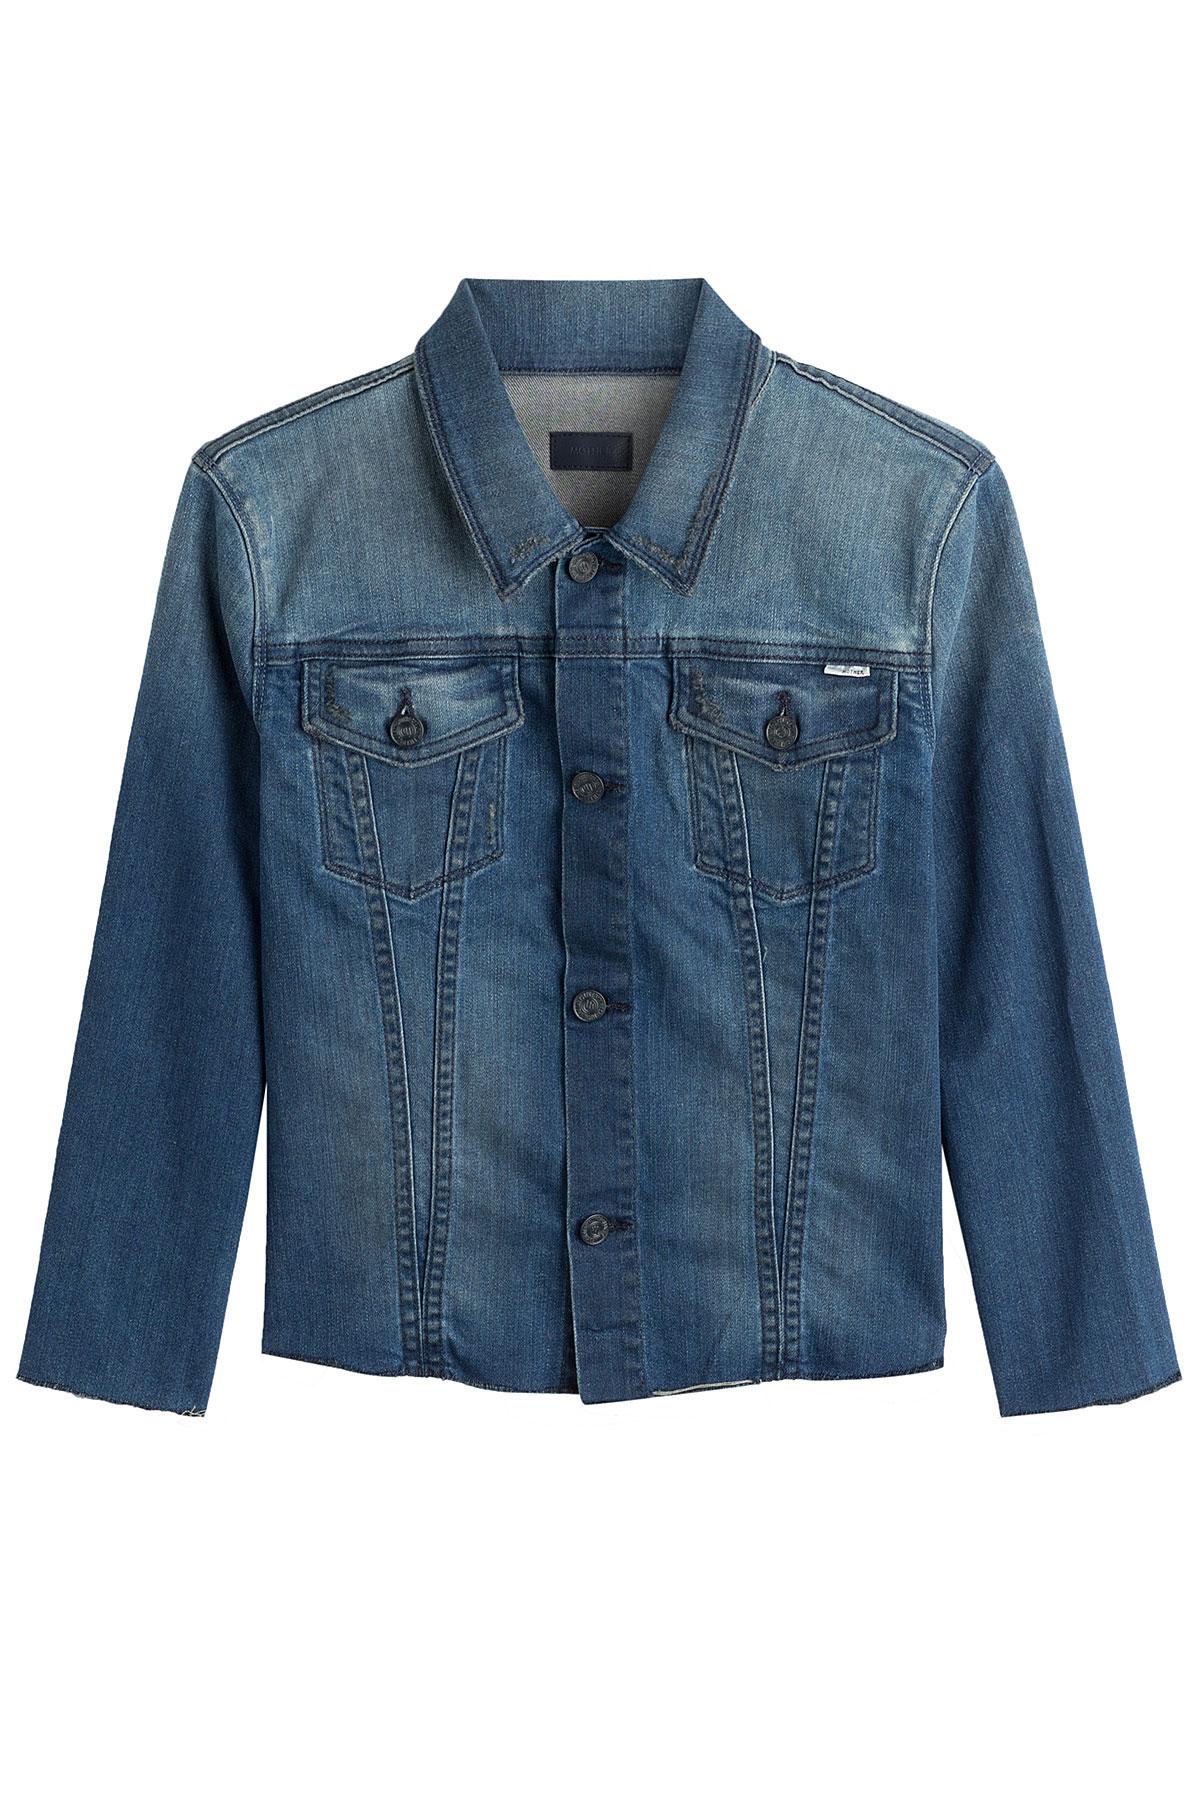 jean jackets 10 denim jackets for women - classic jean jacket options for summer 2016 KOMKPRZ